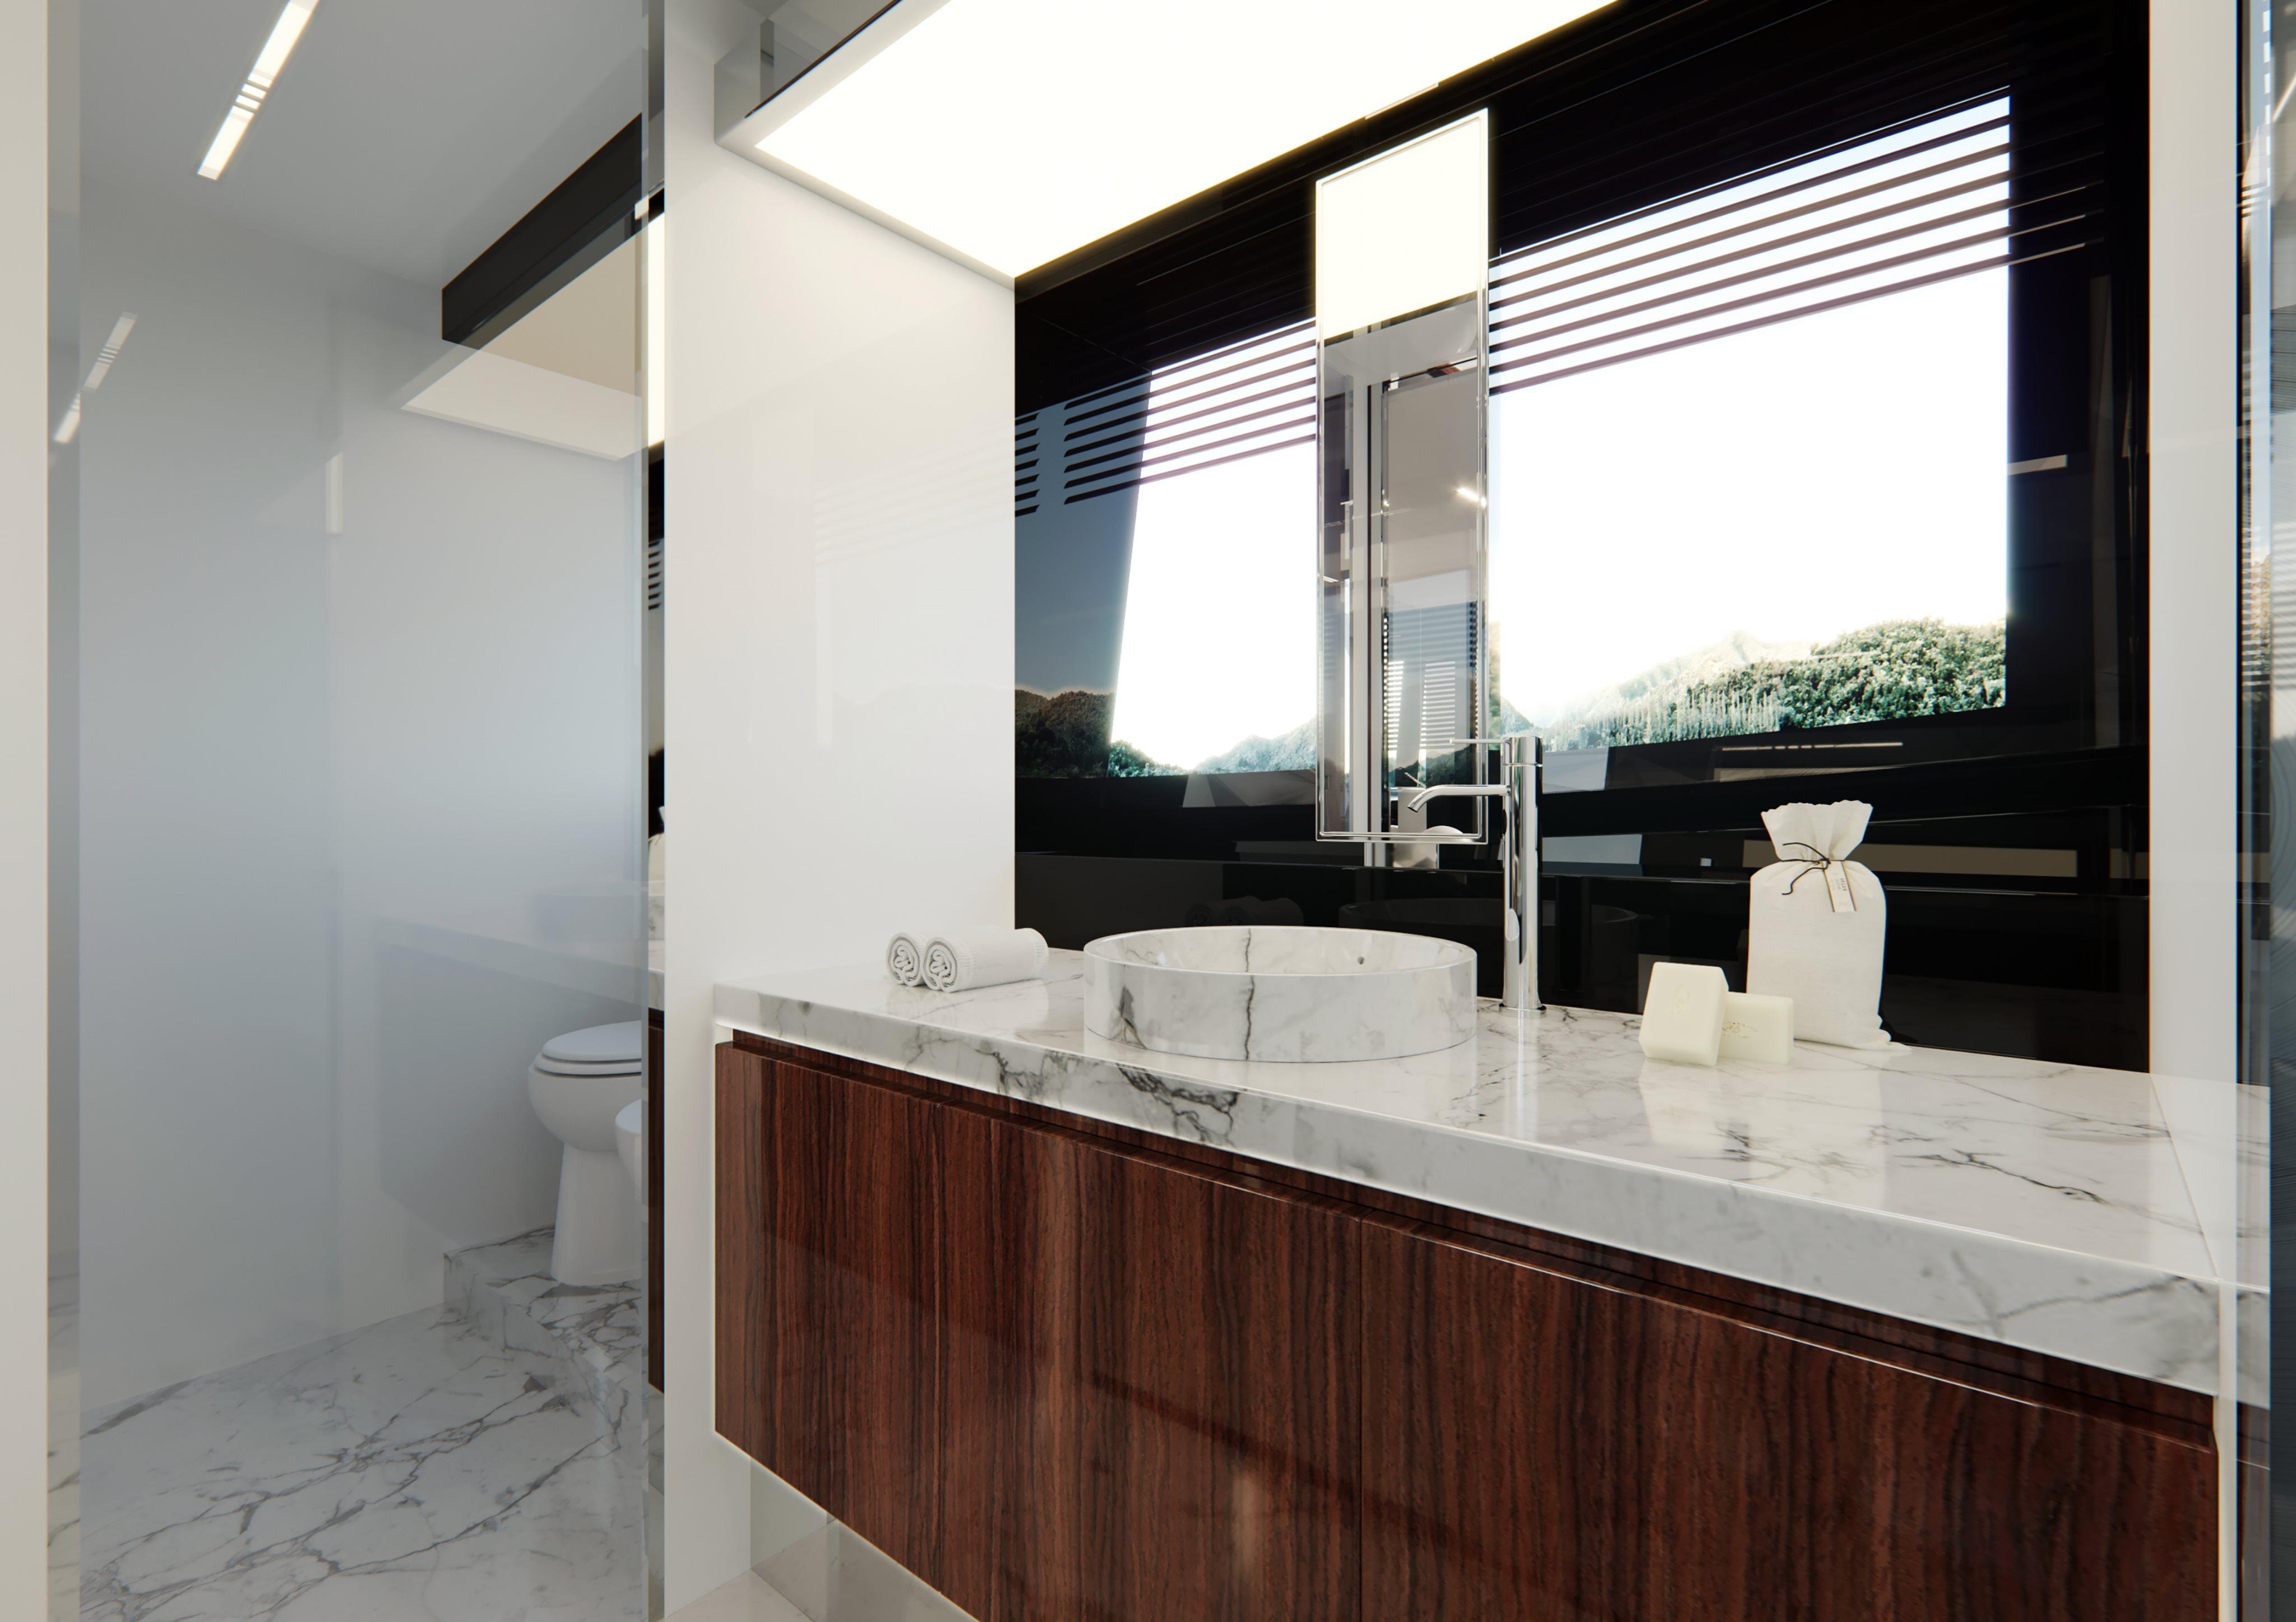 Riva 76 Perseo Super Project Bathroom